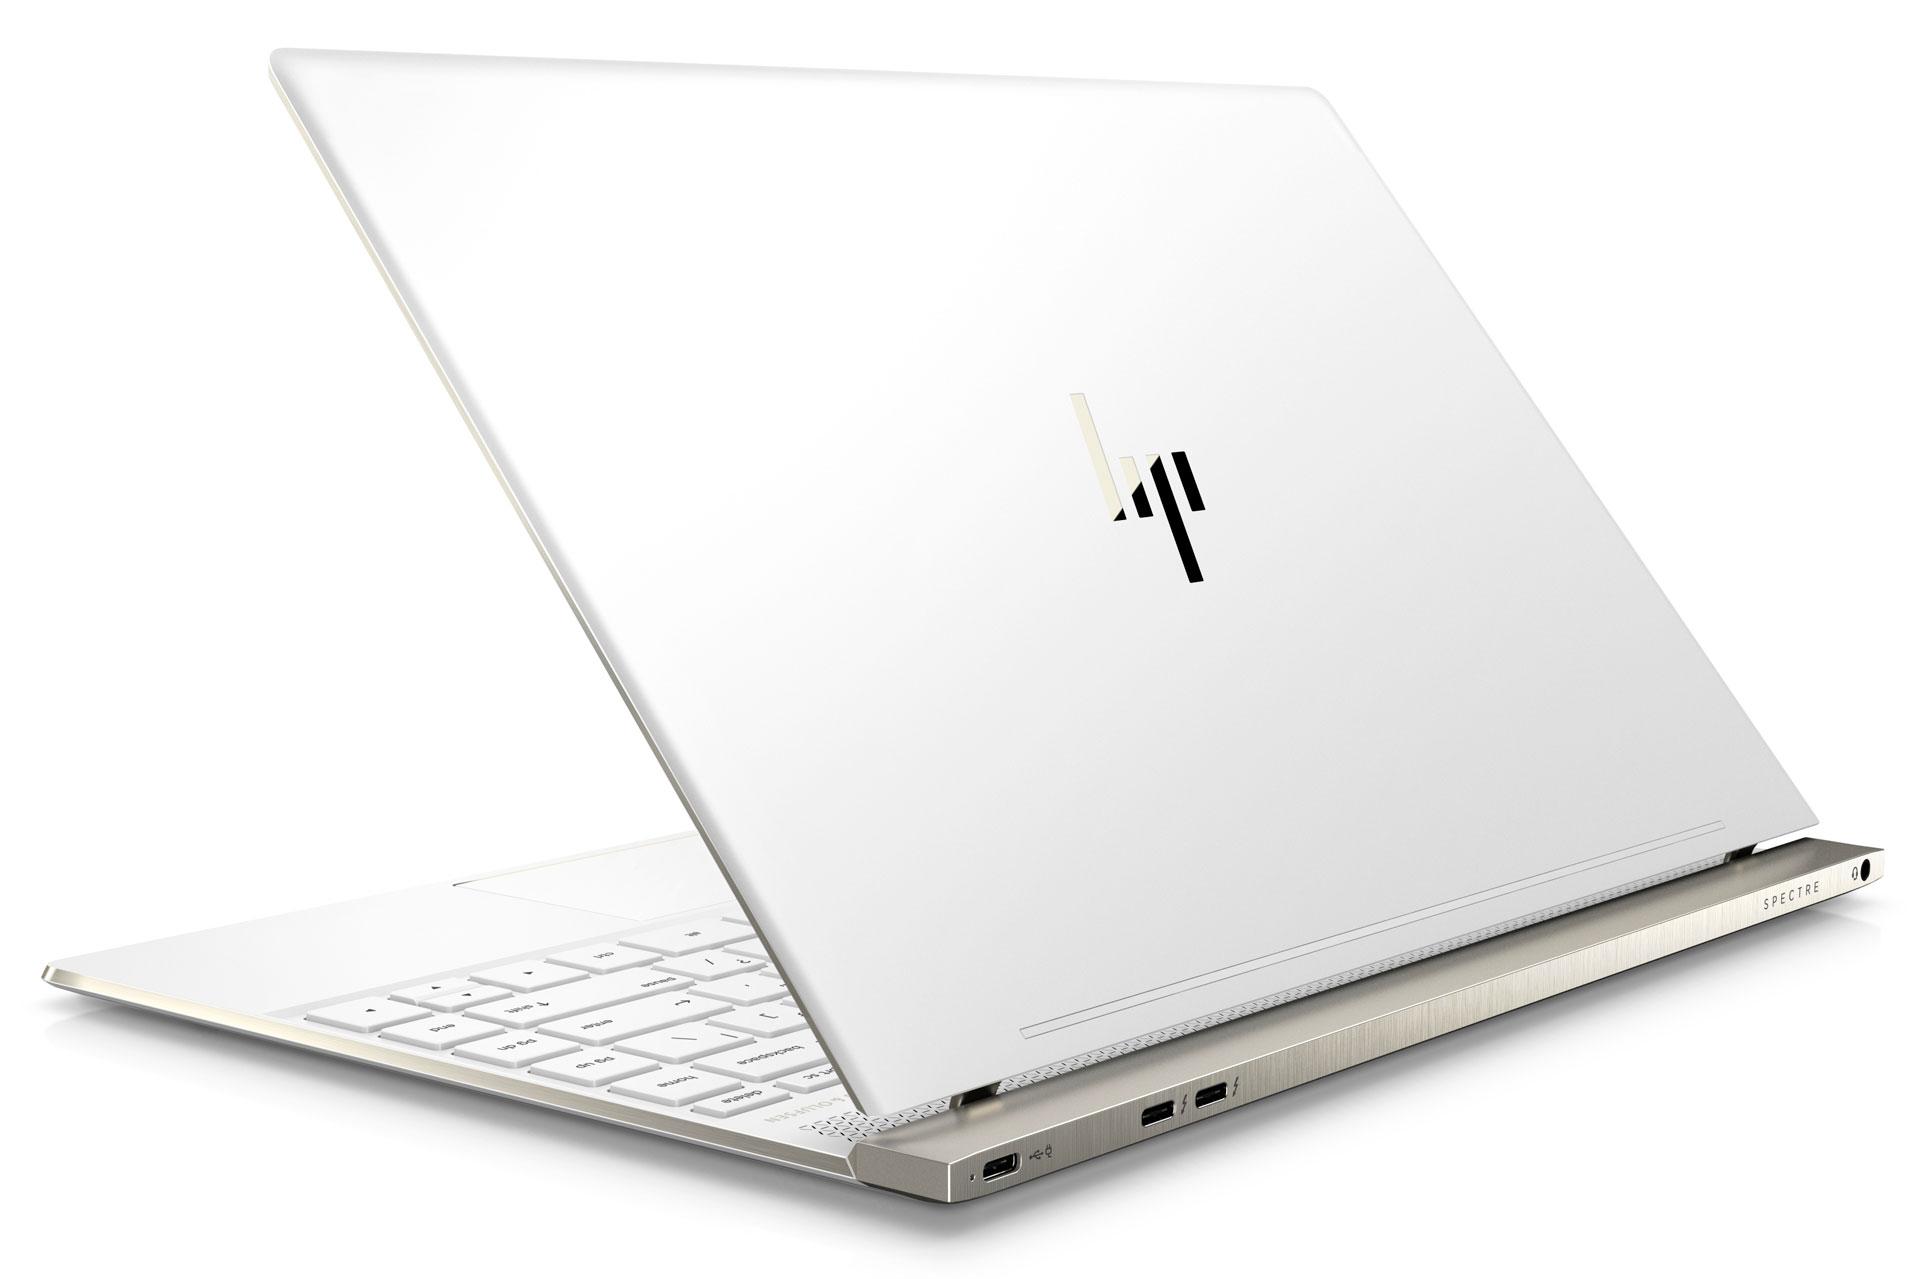 HP anuncia los nuevos portátiles Spectre 13 y Spectre x360 13